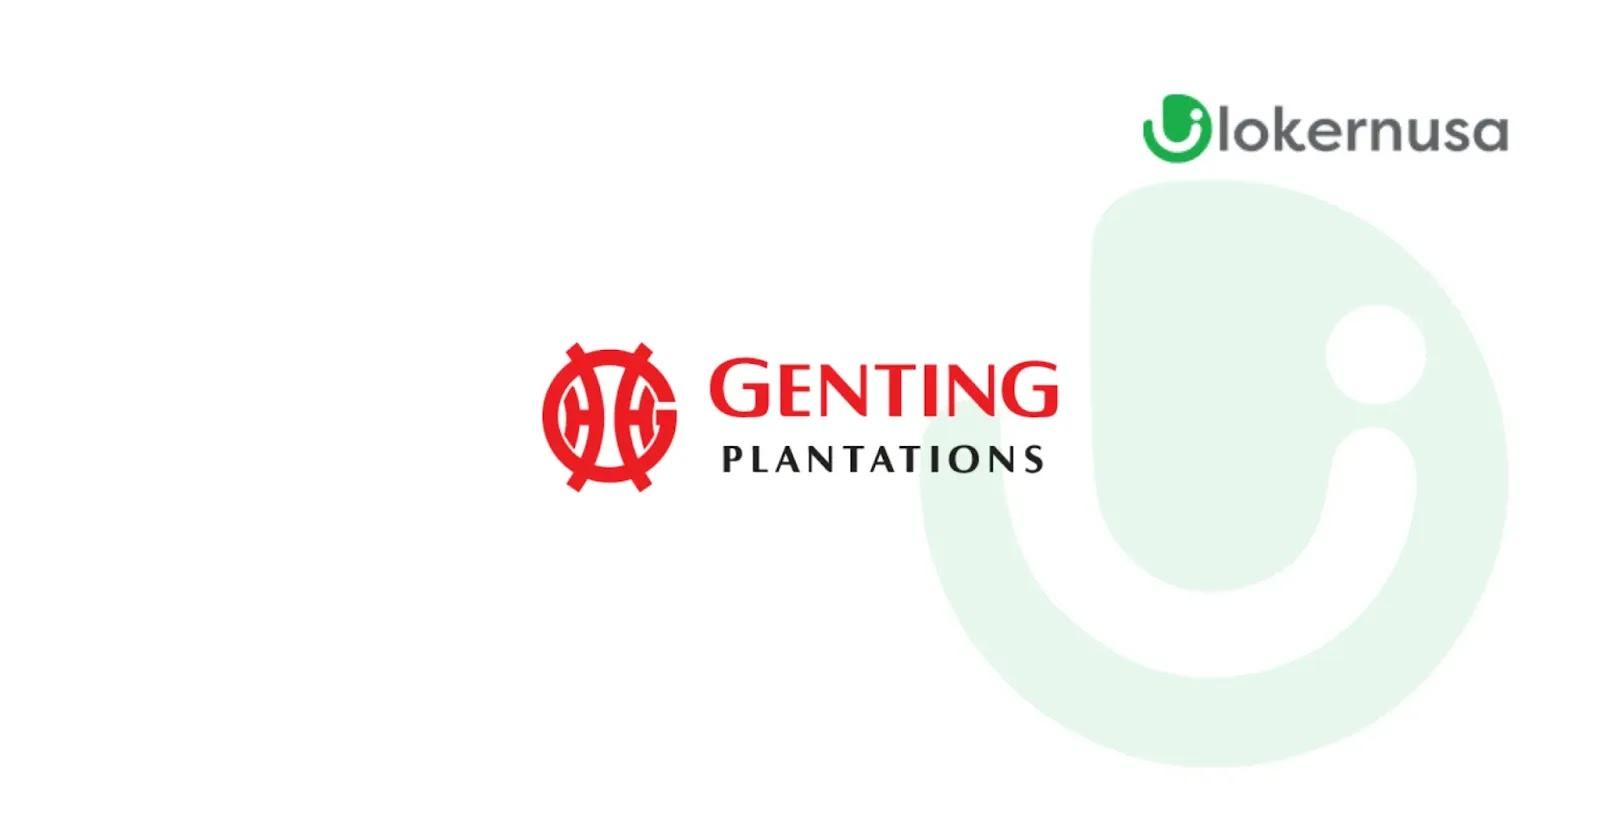 Lowongan Kerja Kalimantan - PT Genting Plantation Nusantara